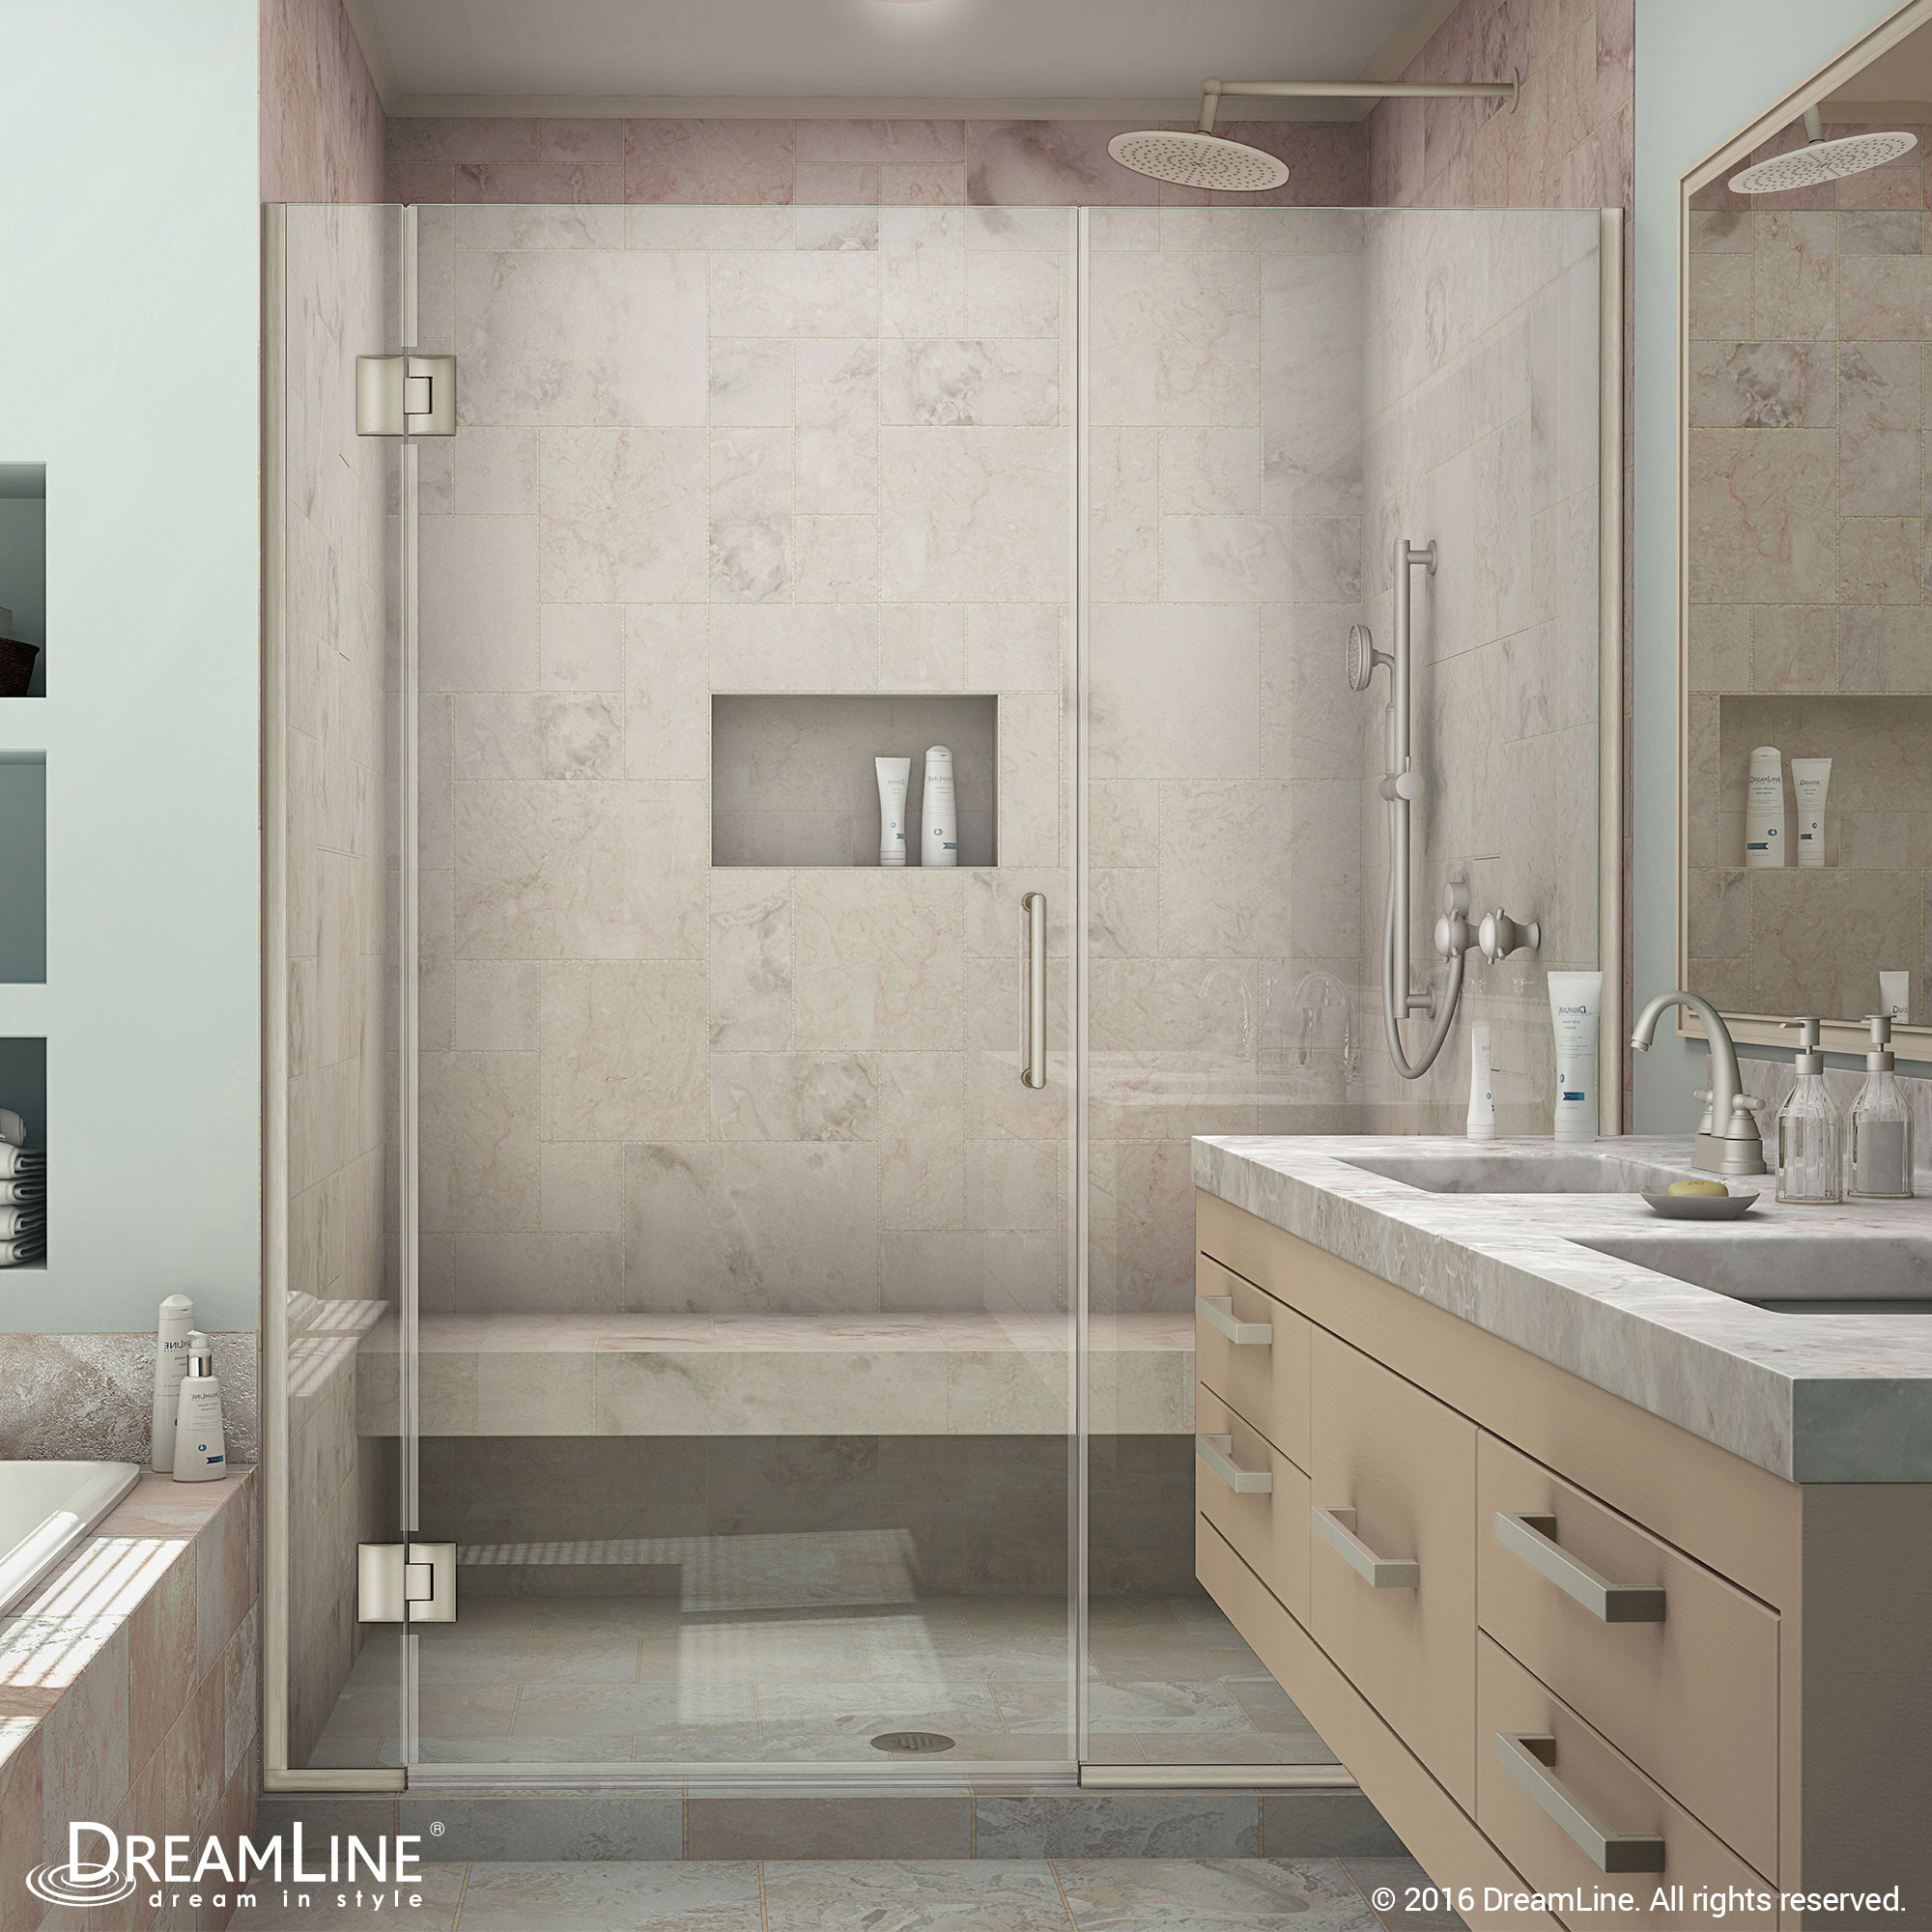 DreamLine D1283072-04 Brushed Nickel Unidoor-X 64 - 64 1/2 in. W x 72 in. H Hinged Shower Door